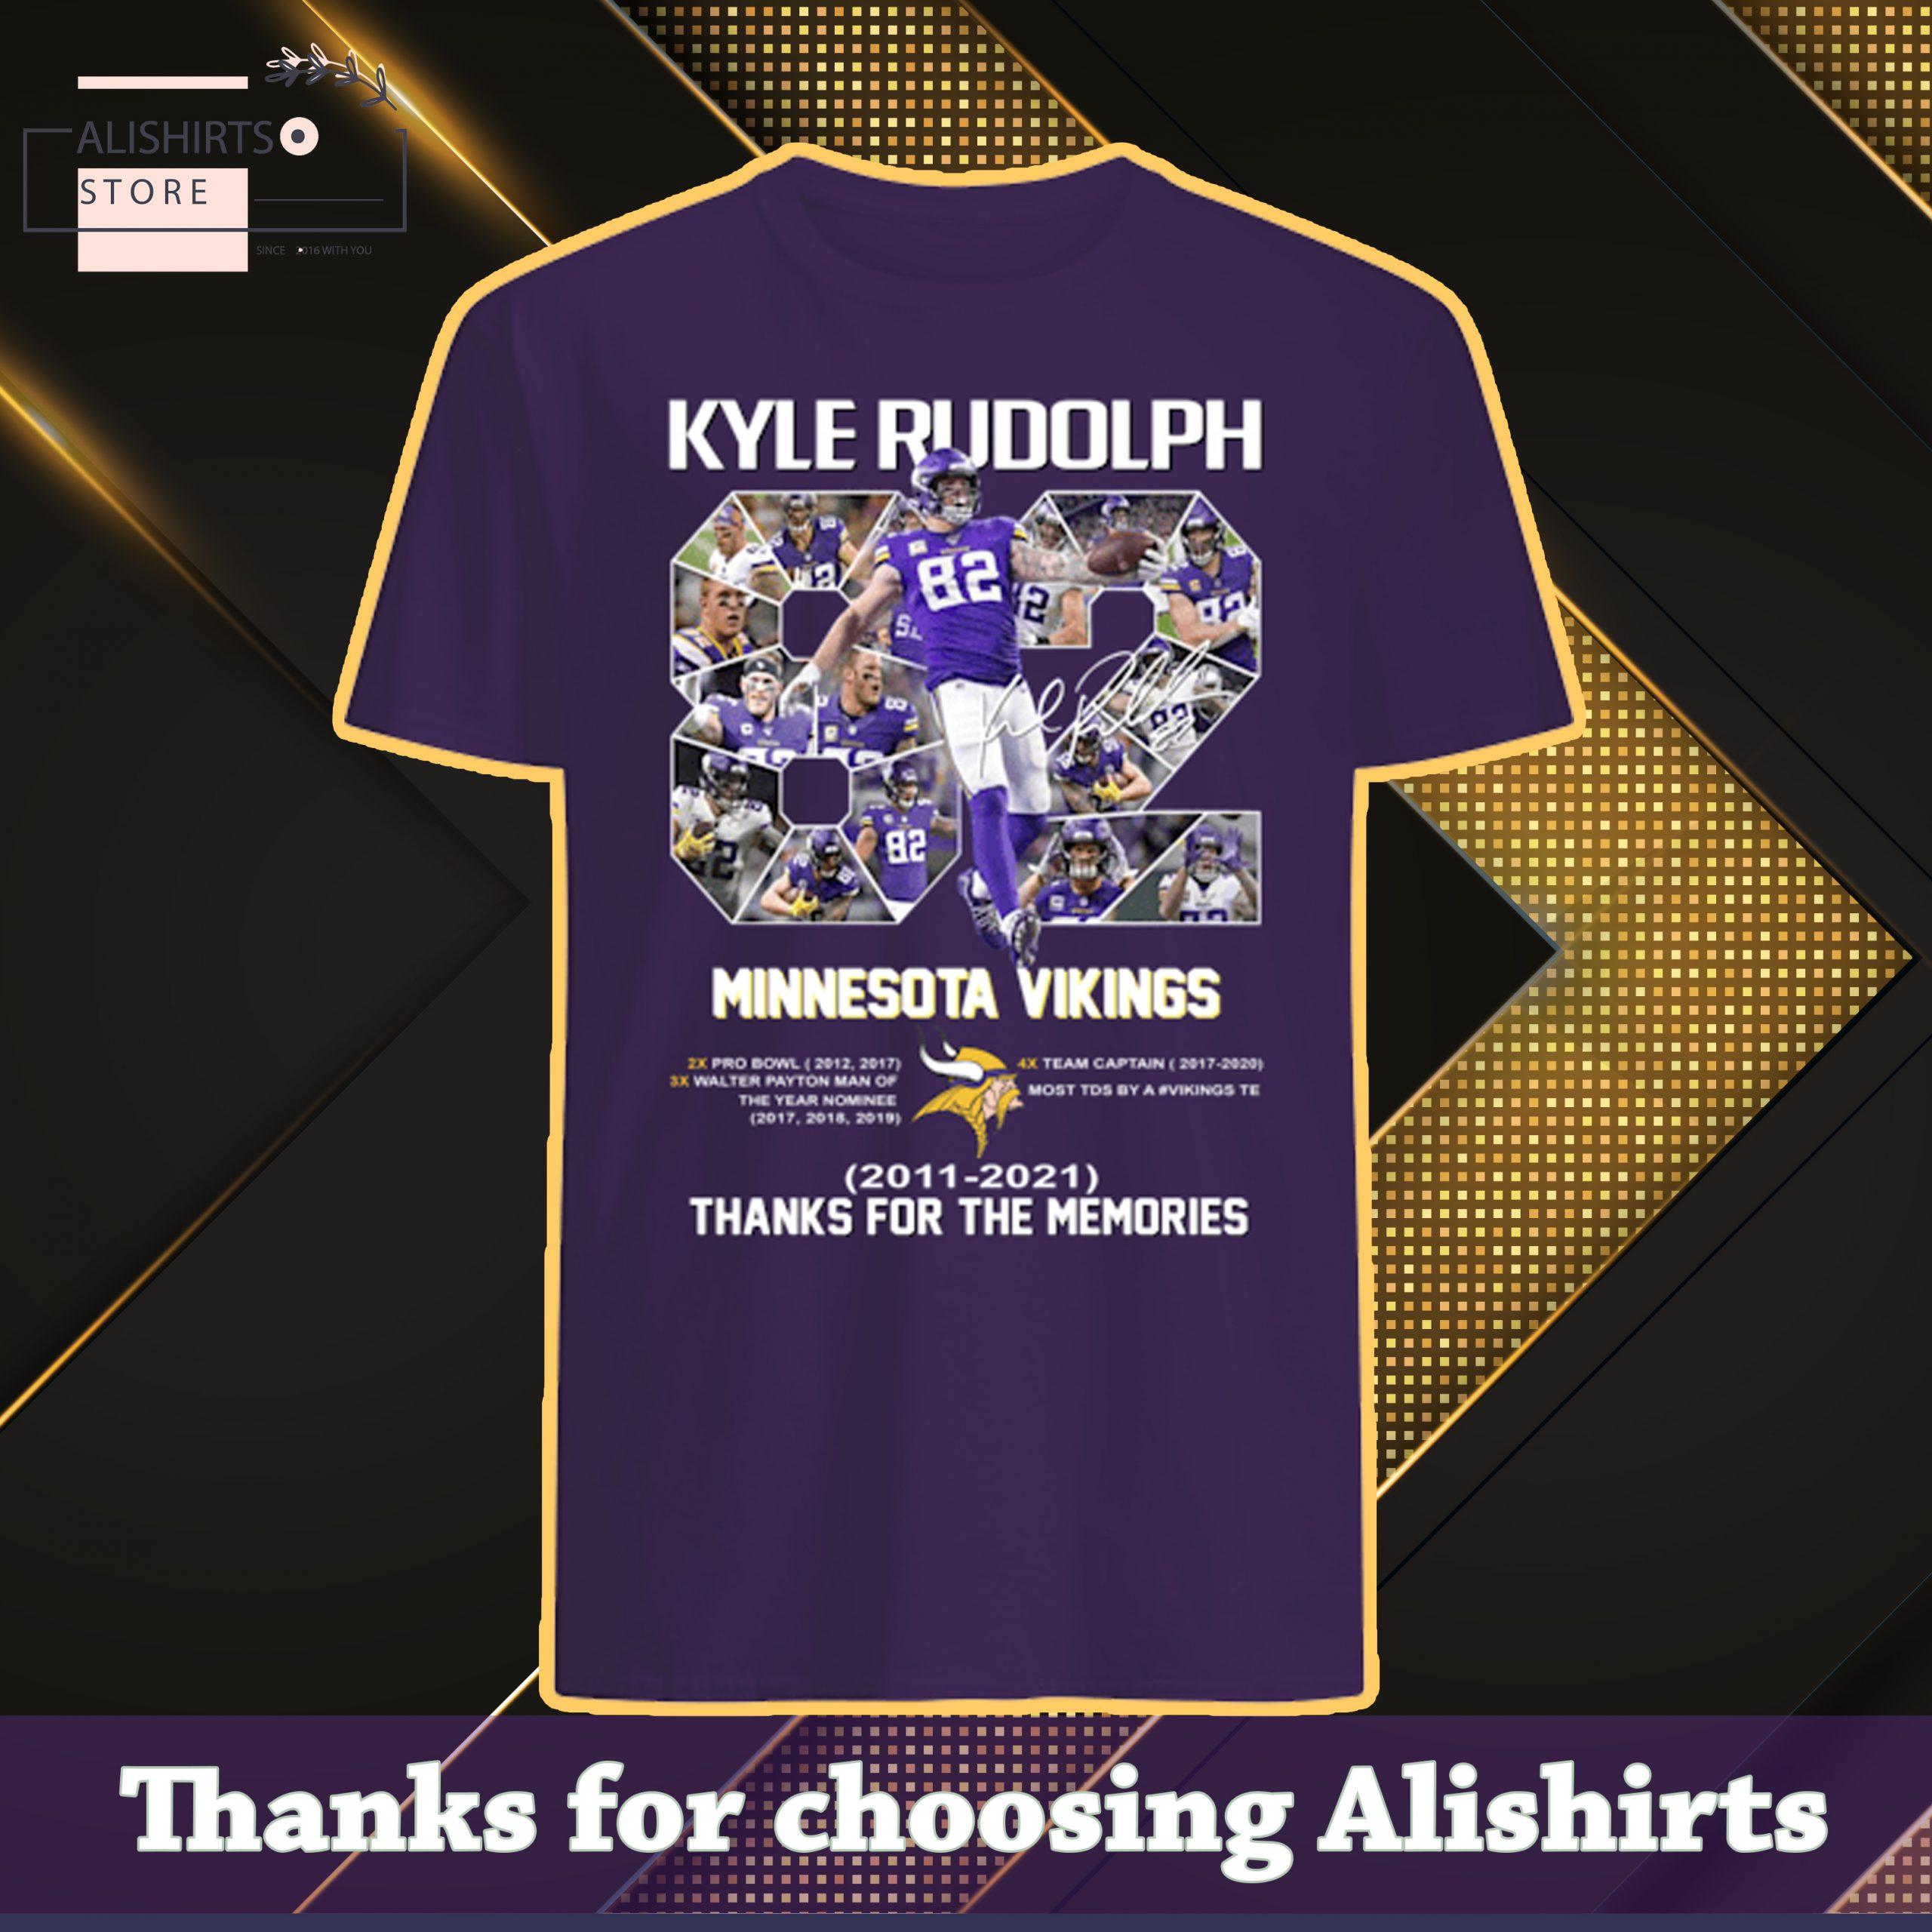 82 Kyle Rudolph Minnesota Vikings 2011 2021 thanks for the memories shirt